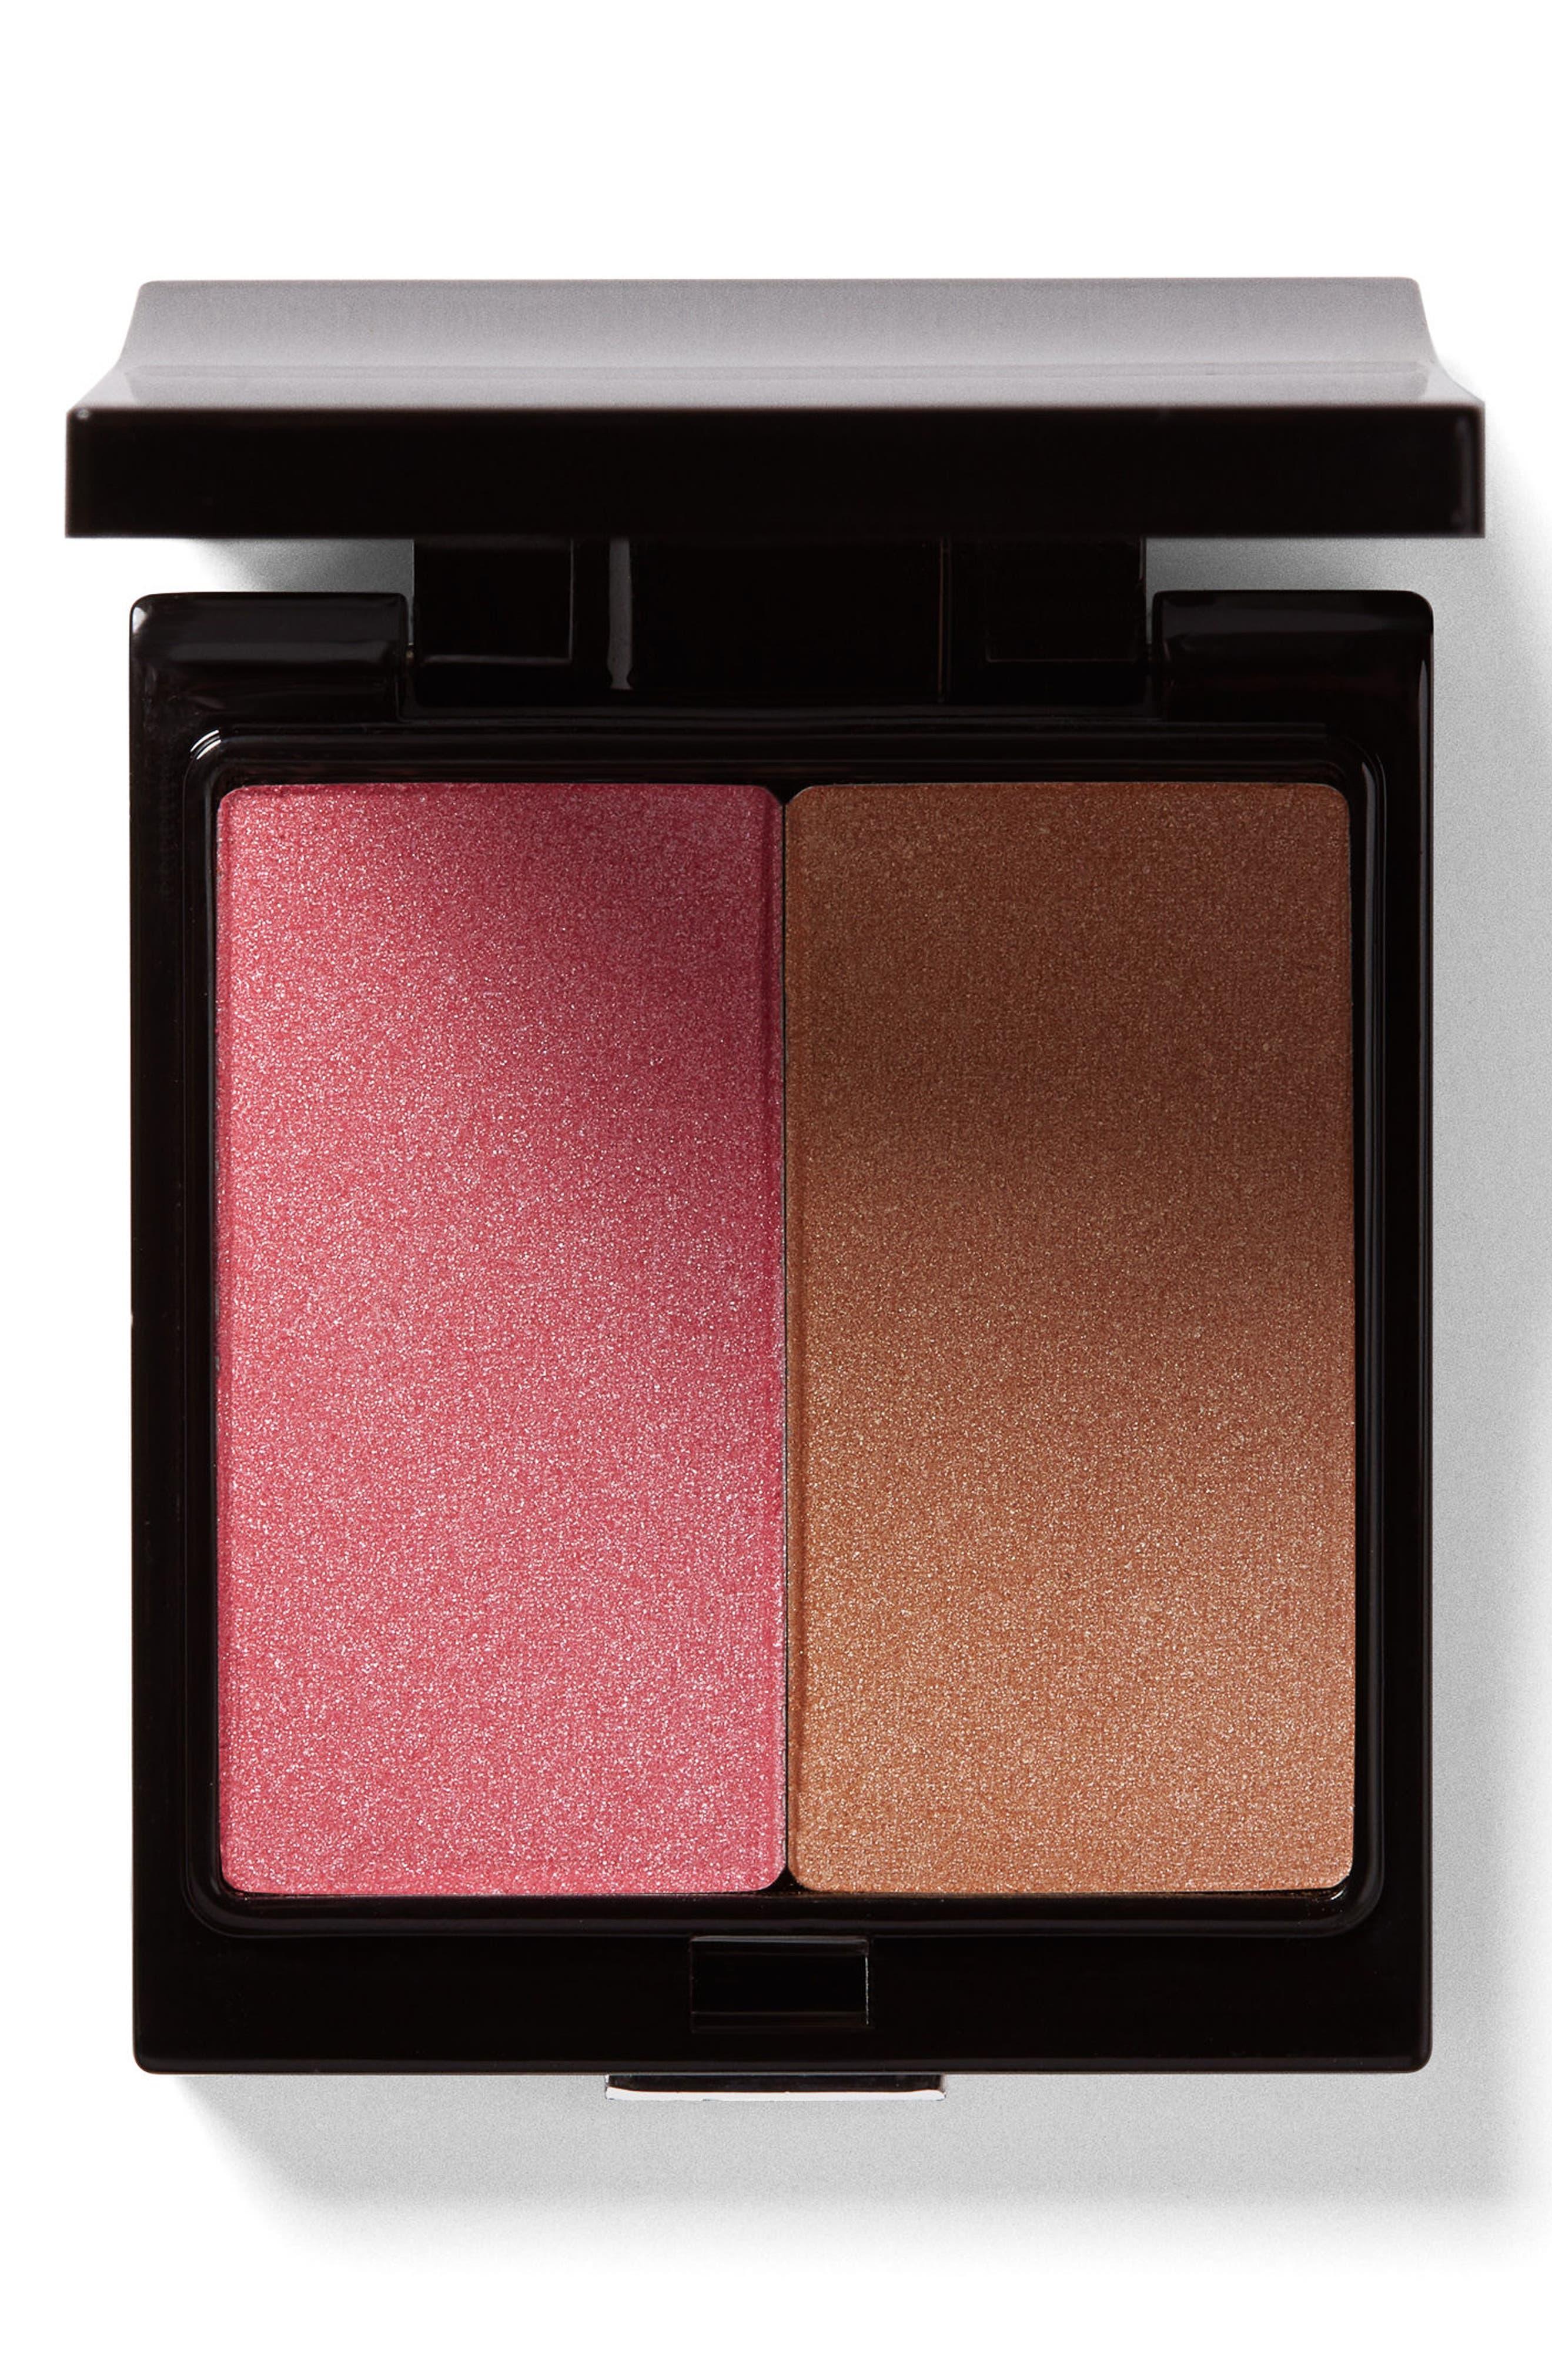 Luminous Face Shapers<sup>®</sup> Powder Palette,                             Main thumbnail 1, color,                             No Color